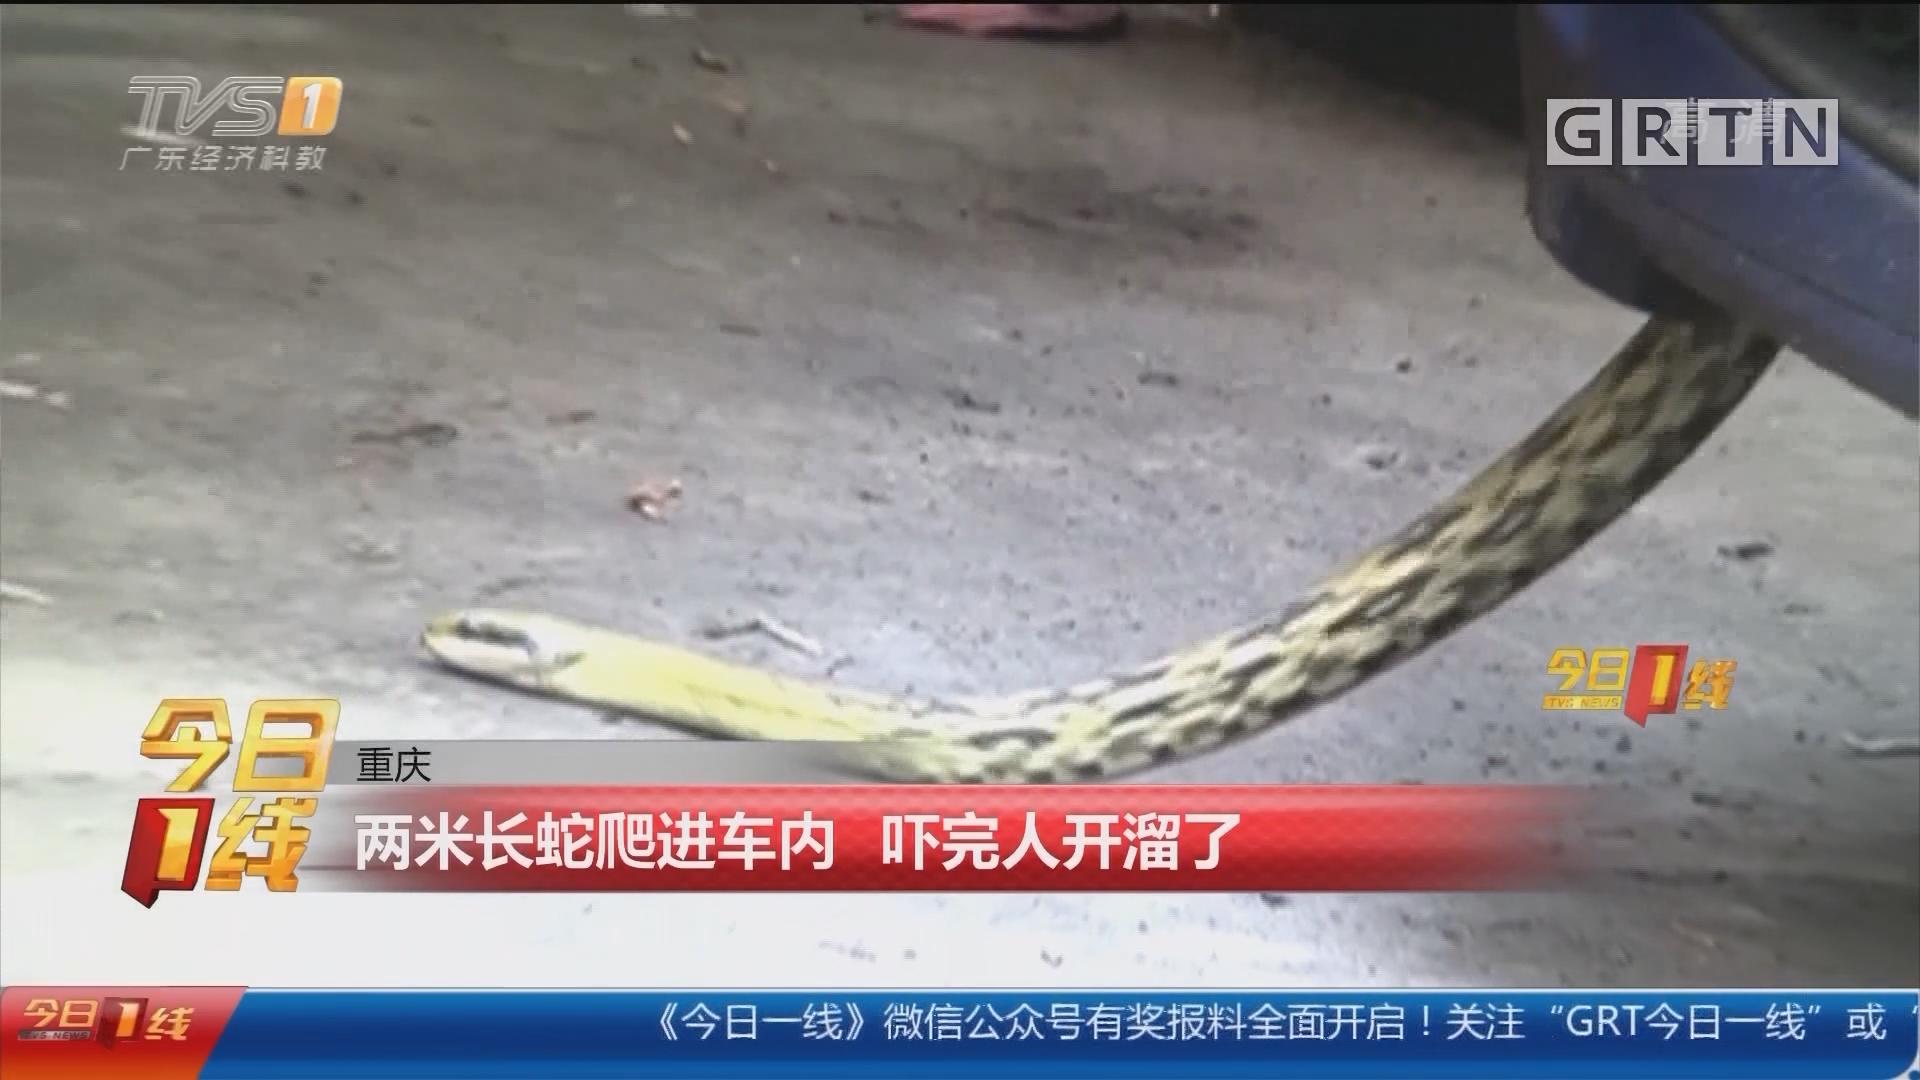 重庆:两米长蛇爬进车内 吓完人开溜了